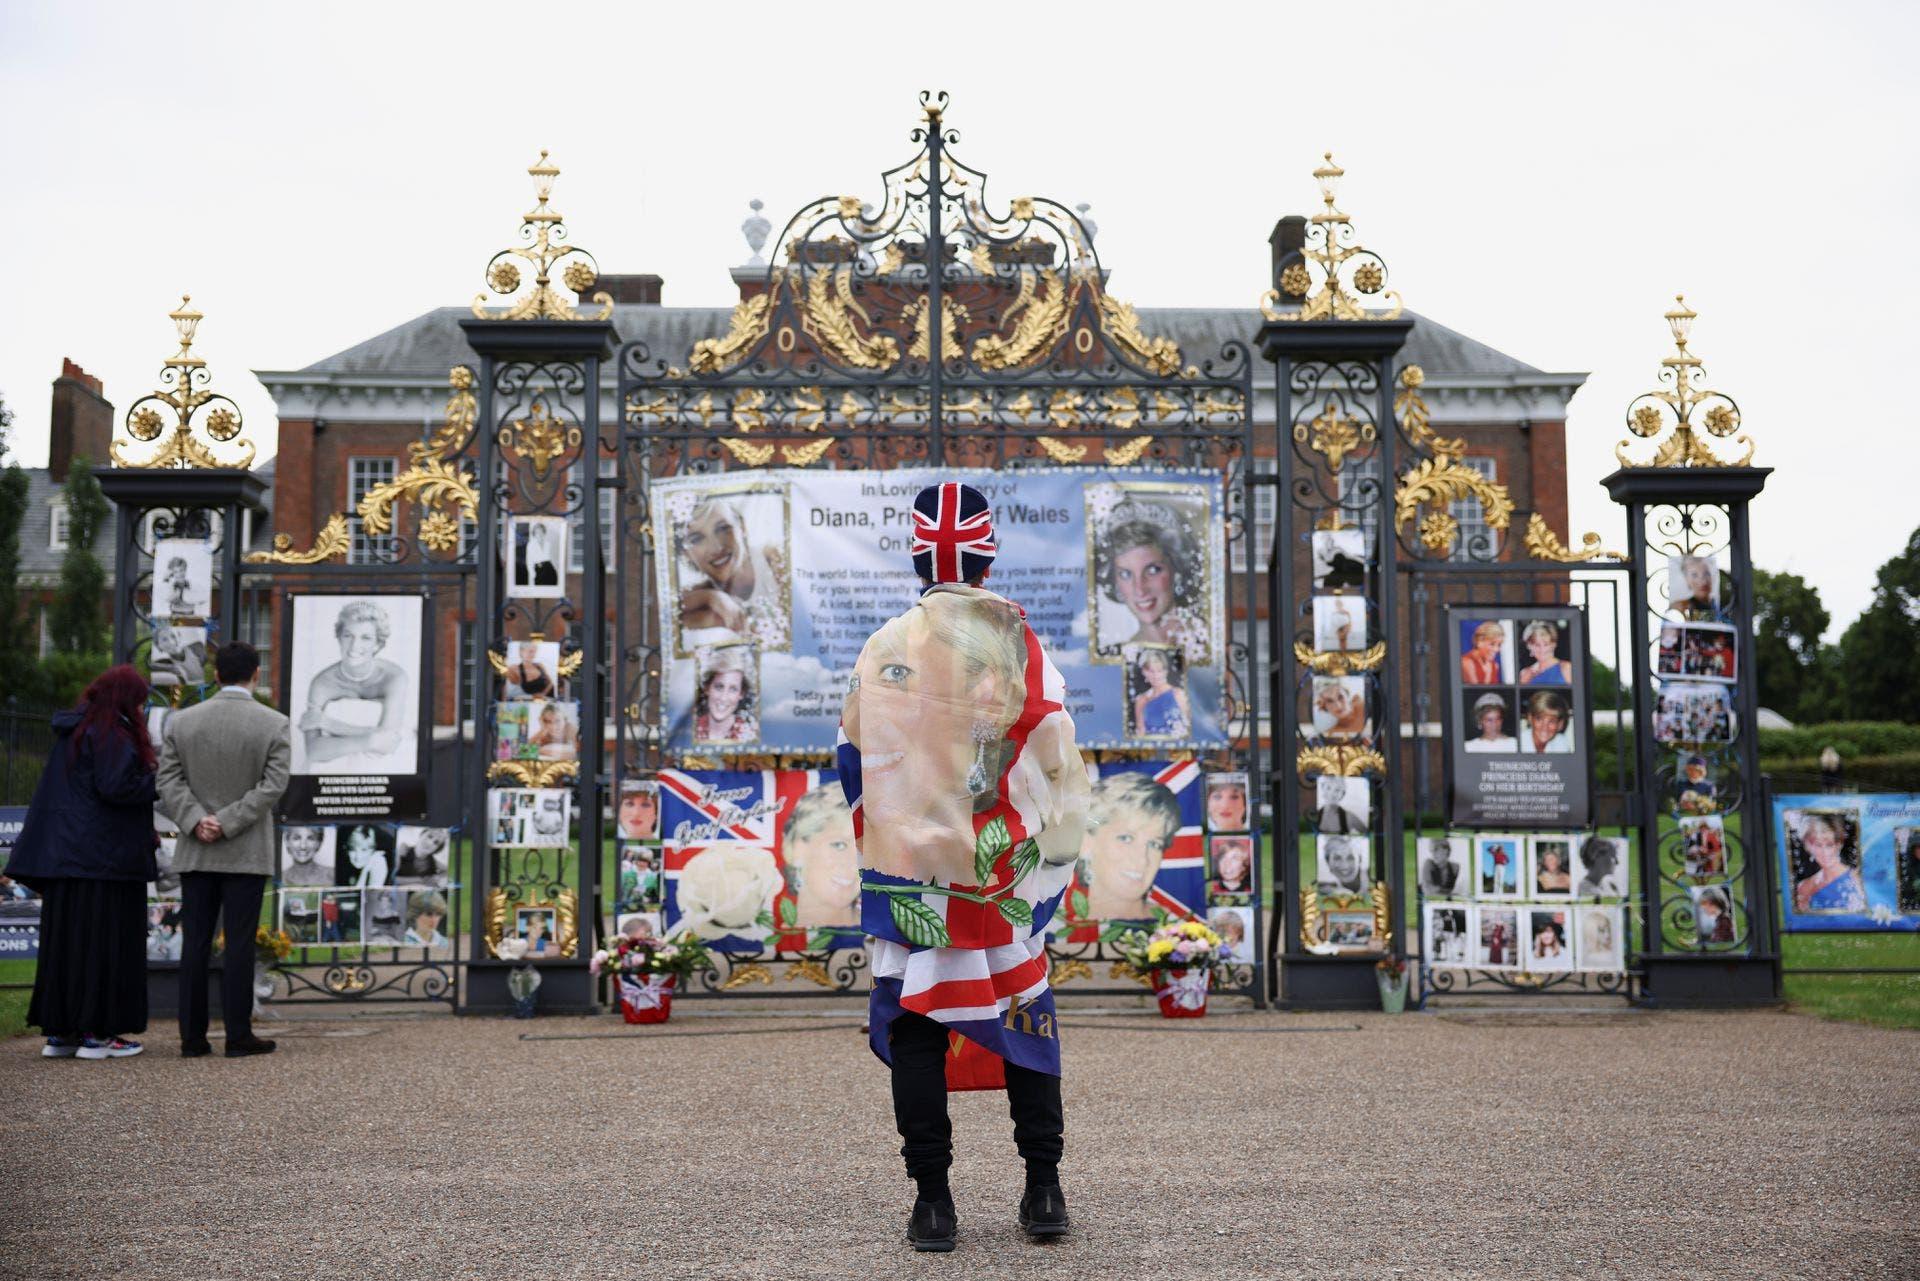 قصر كنسينغتون كما يبدو يوم الإحتفال بذكرى الميلاد ال60 للأميرة ديانا